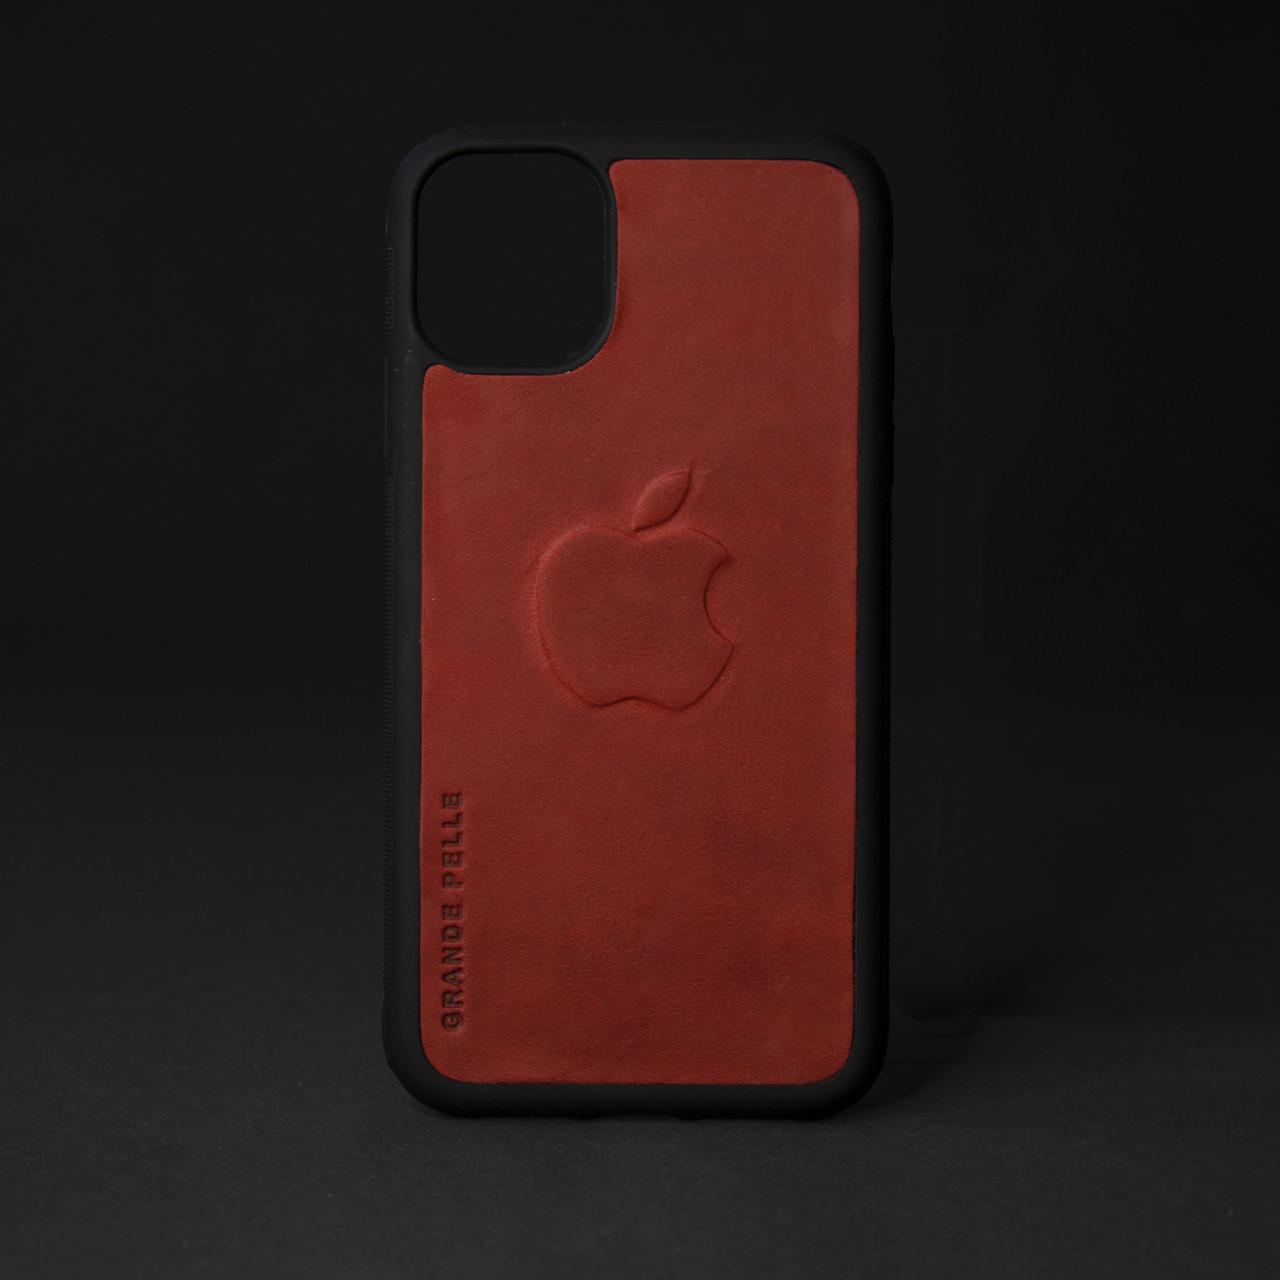 Кейс для IPhone, червоний, з металевою вставкою для автотримача